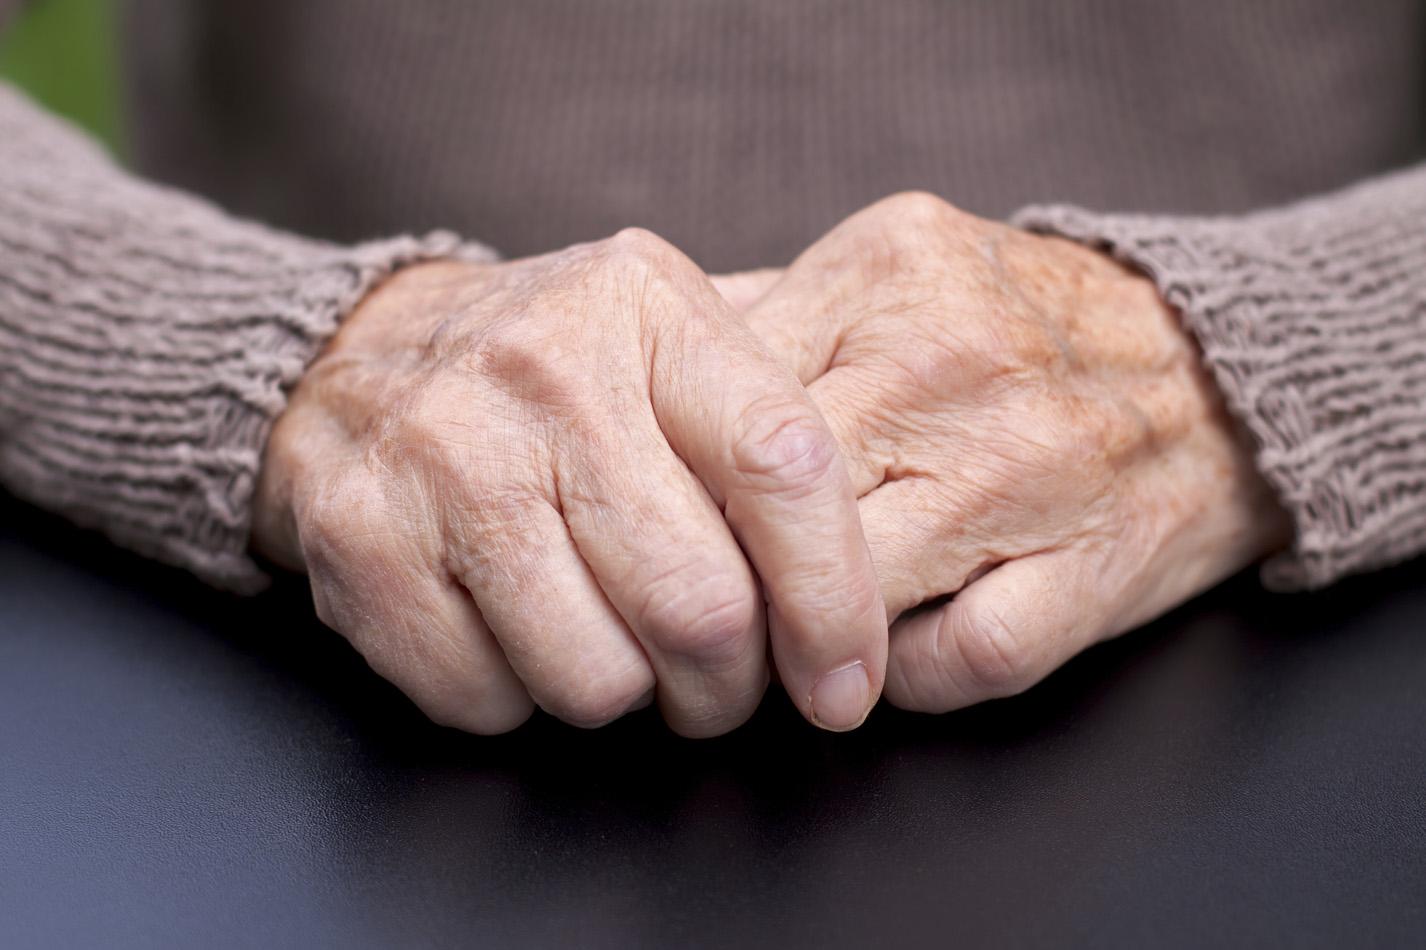 Reumatoidni artritis nije nužno vezan za stariju populaciju. Naime, može se javiti već u tridesetima